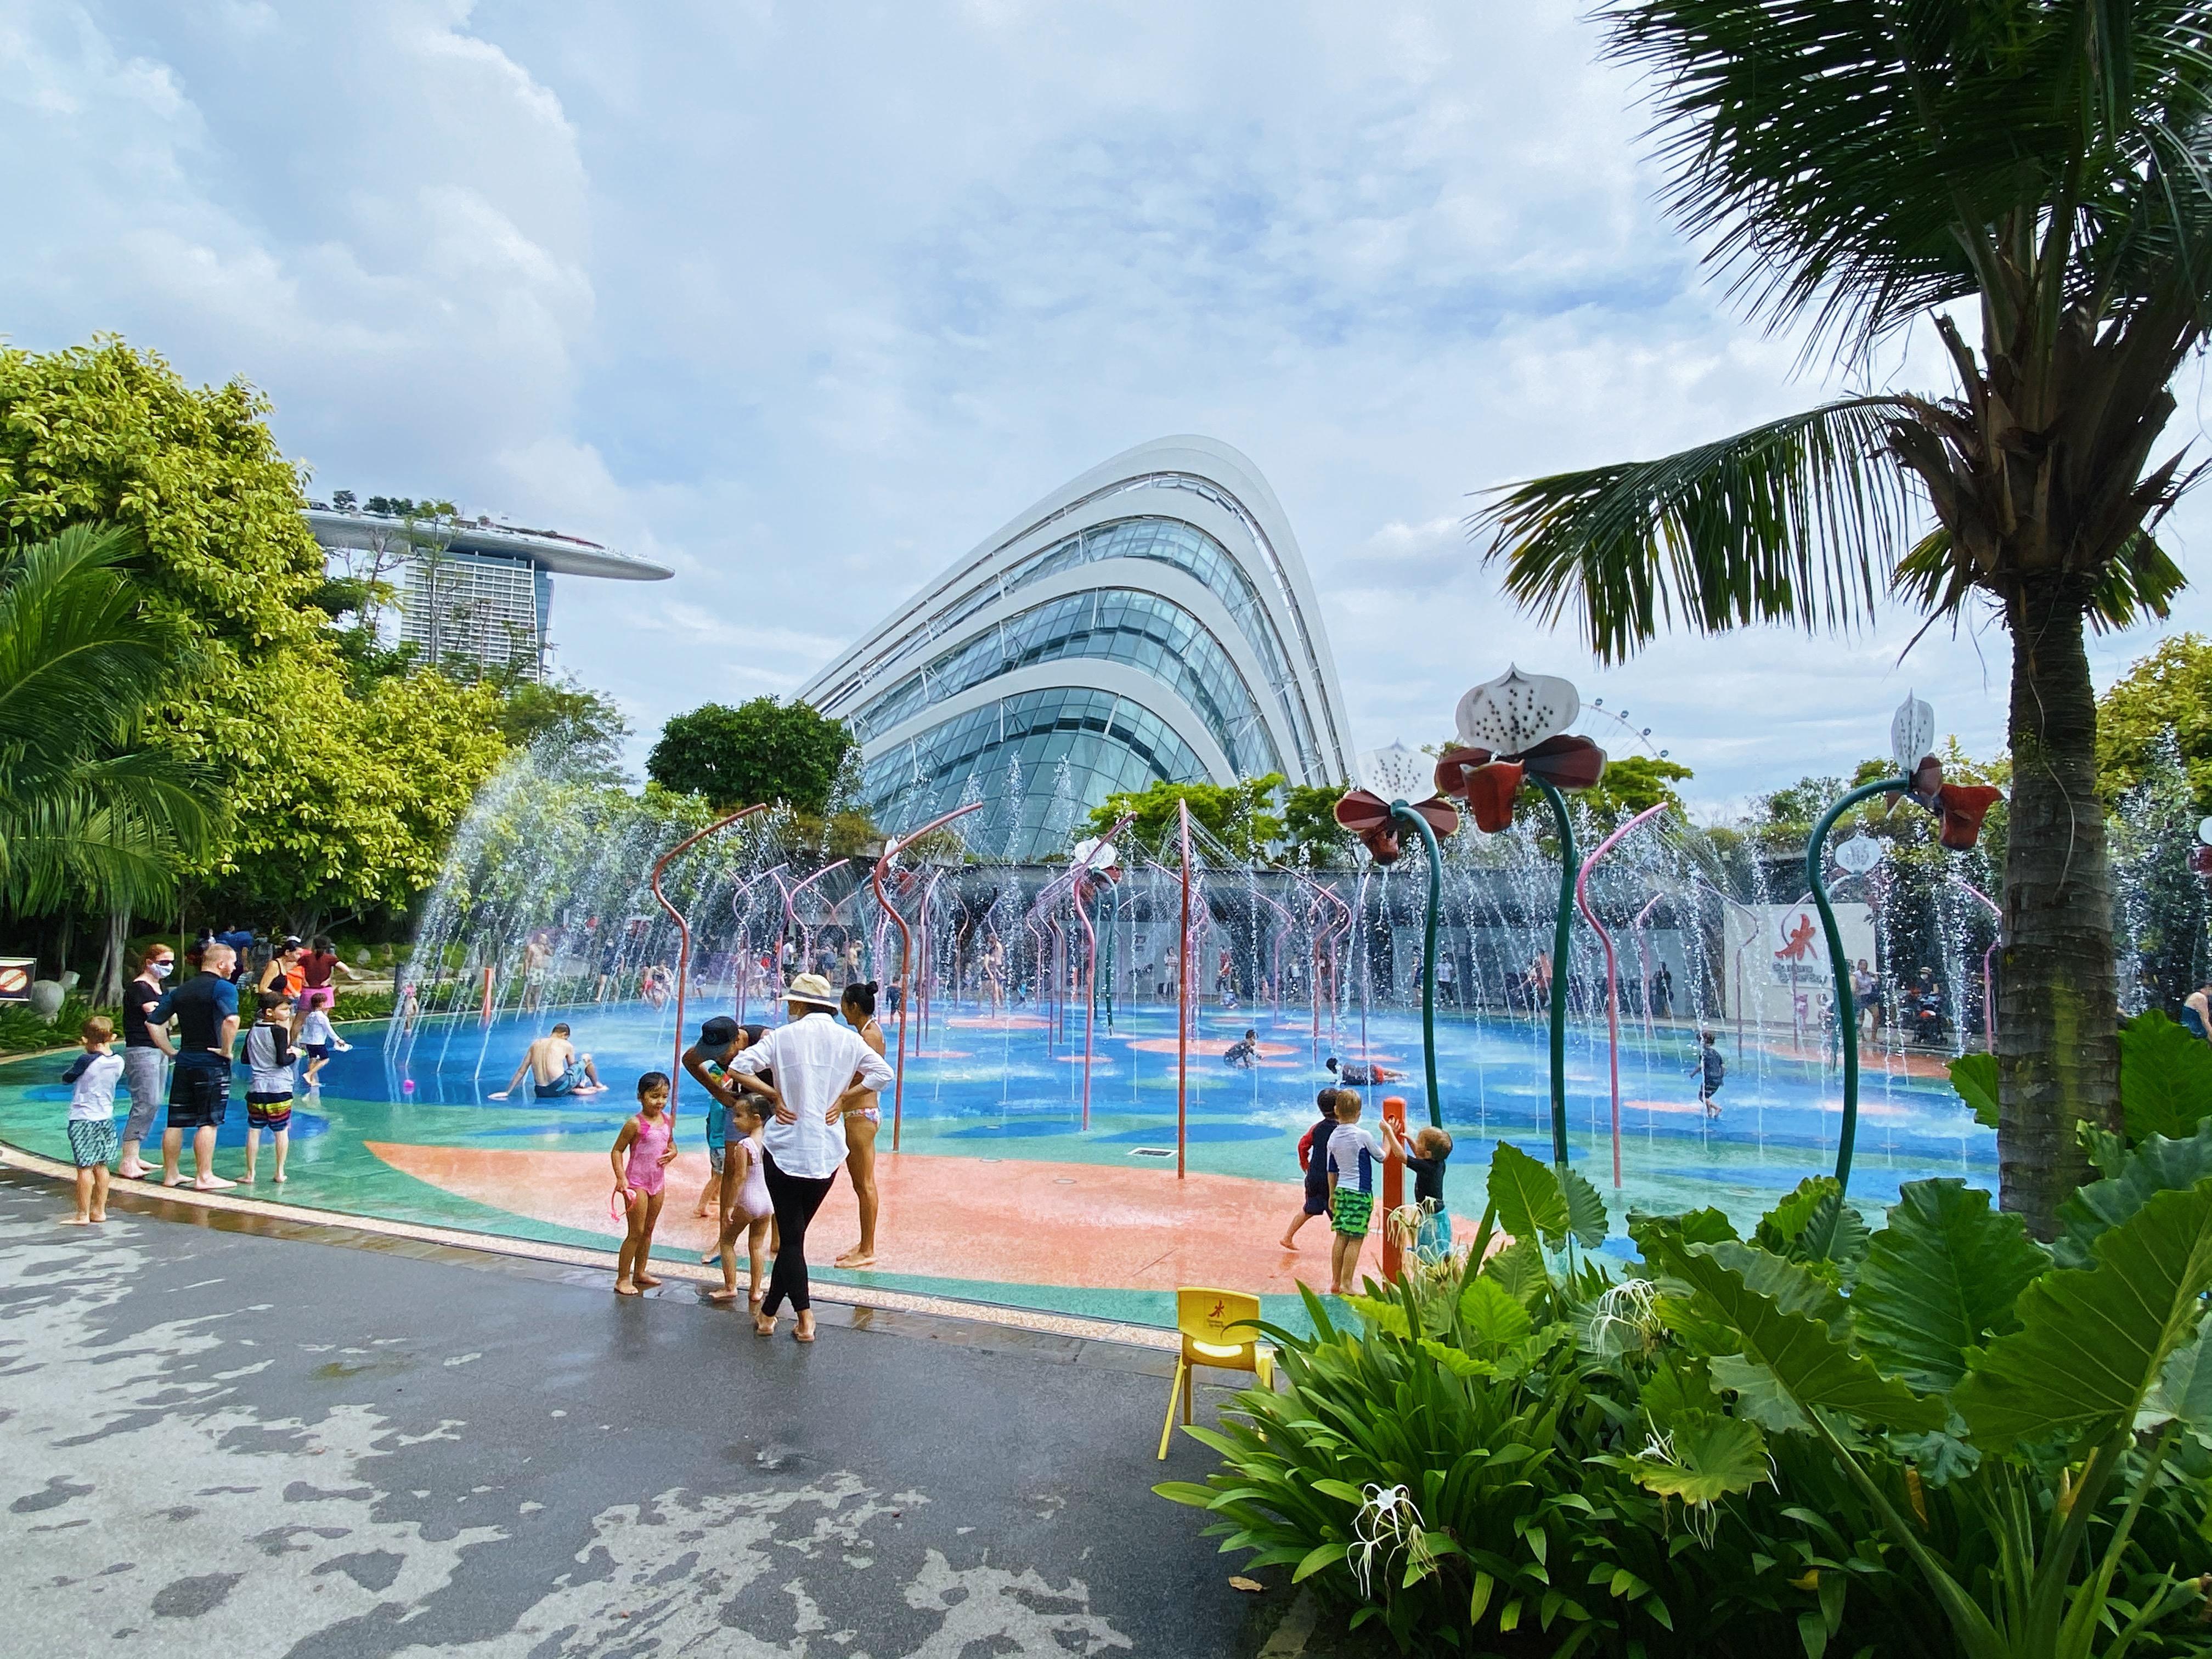 Far East Organization Children's Garden - Gardens by the Bay